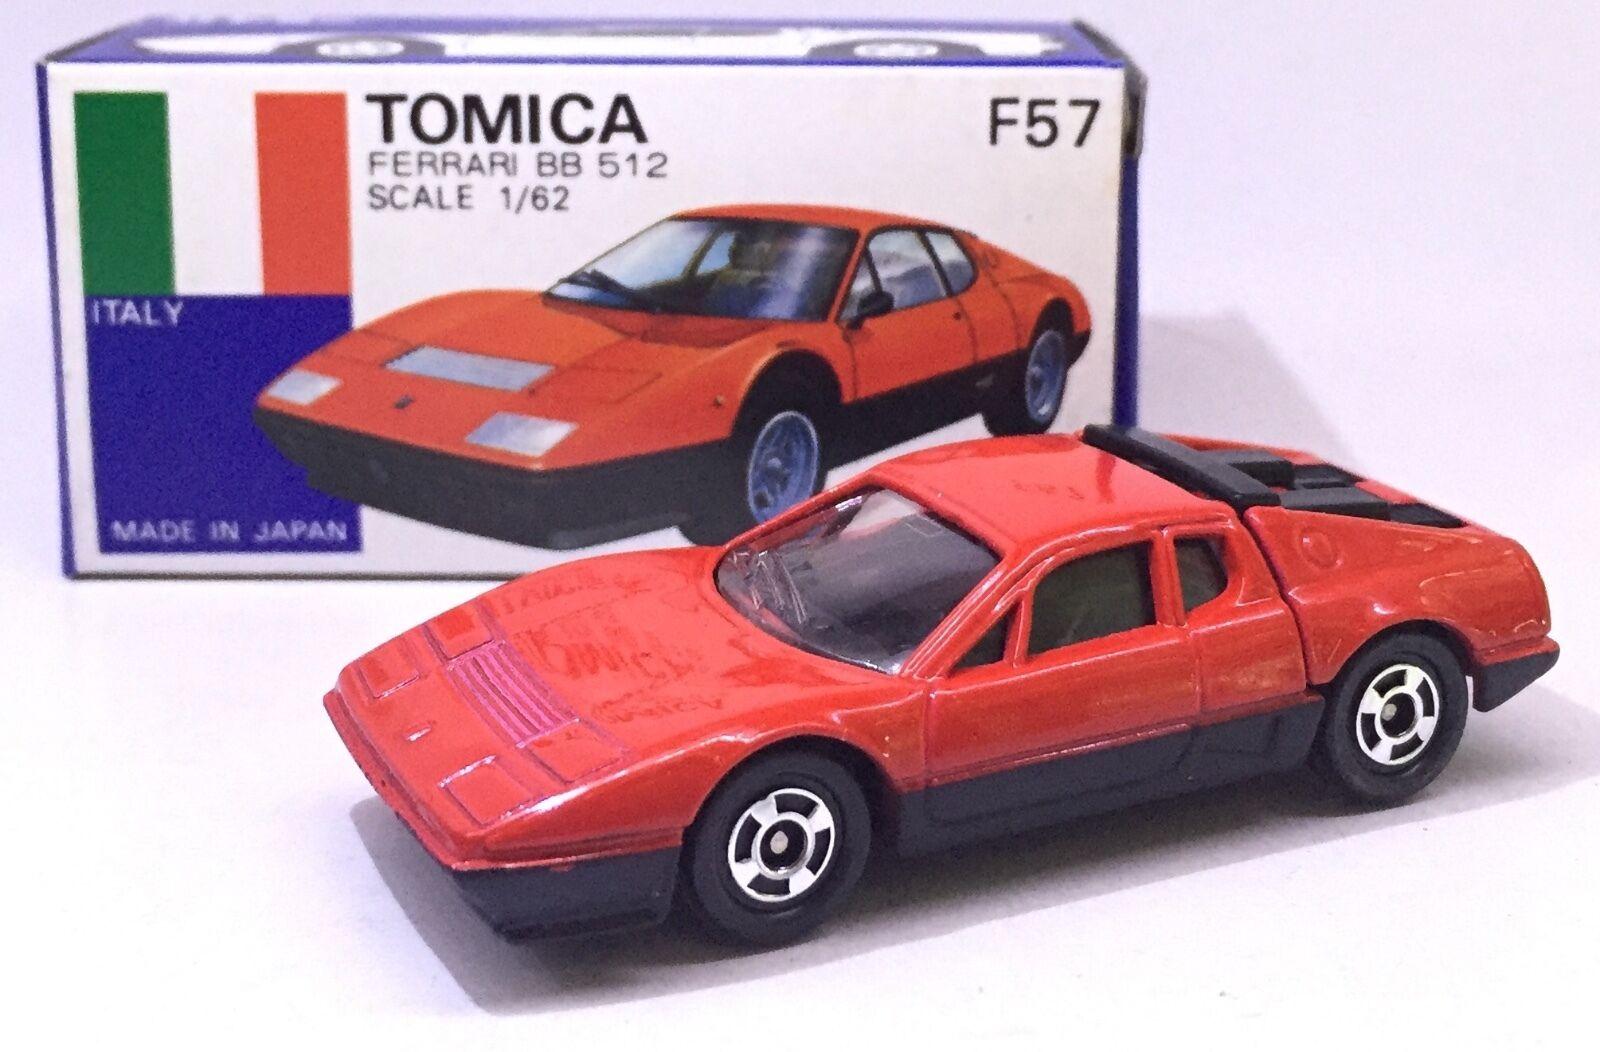 Hecho En Japón Tomy Tomica F57 Ferrari BB 512 Rojo 1/62 automóvil de fundición Raro Limitado